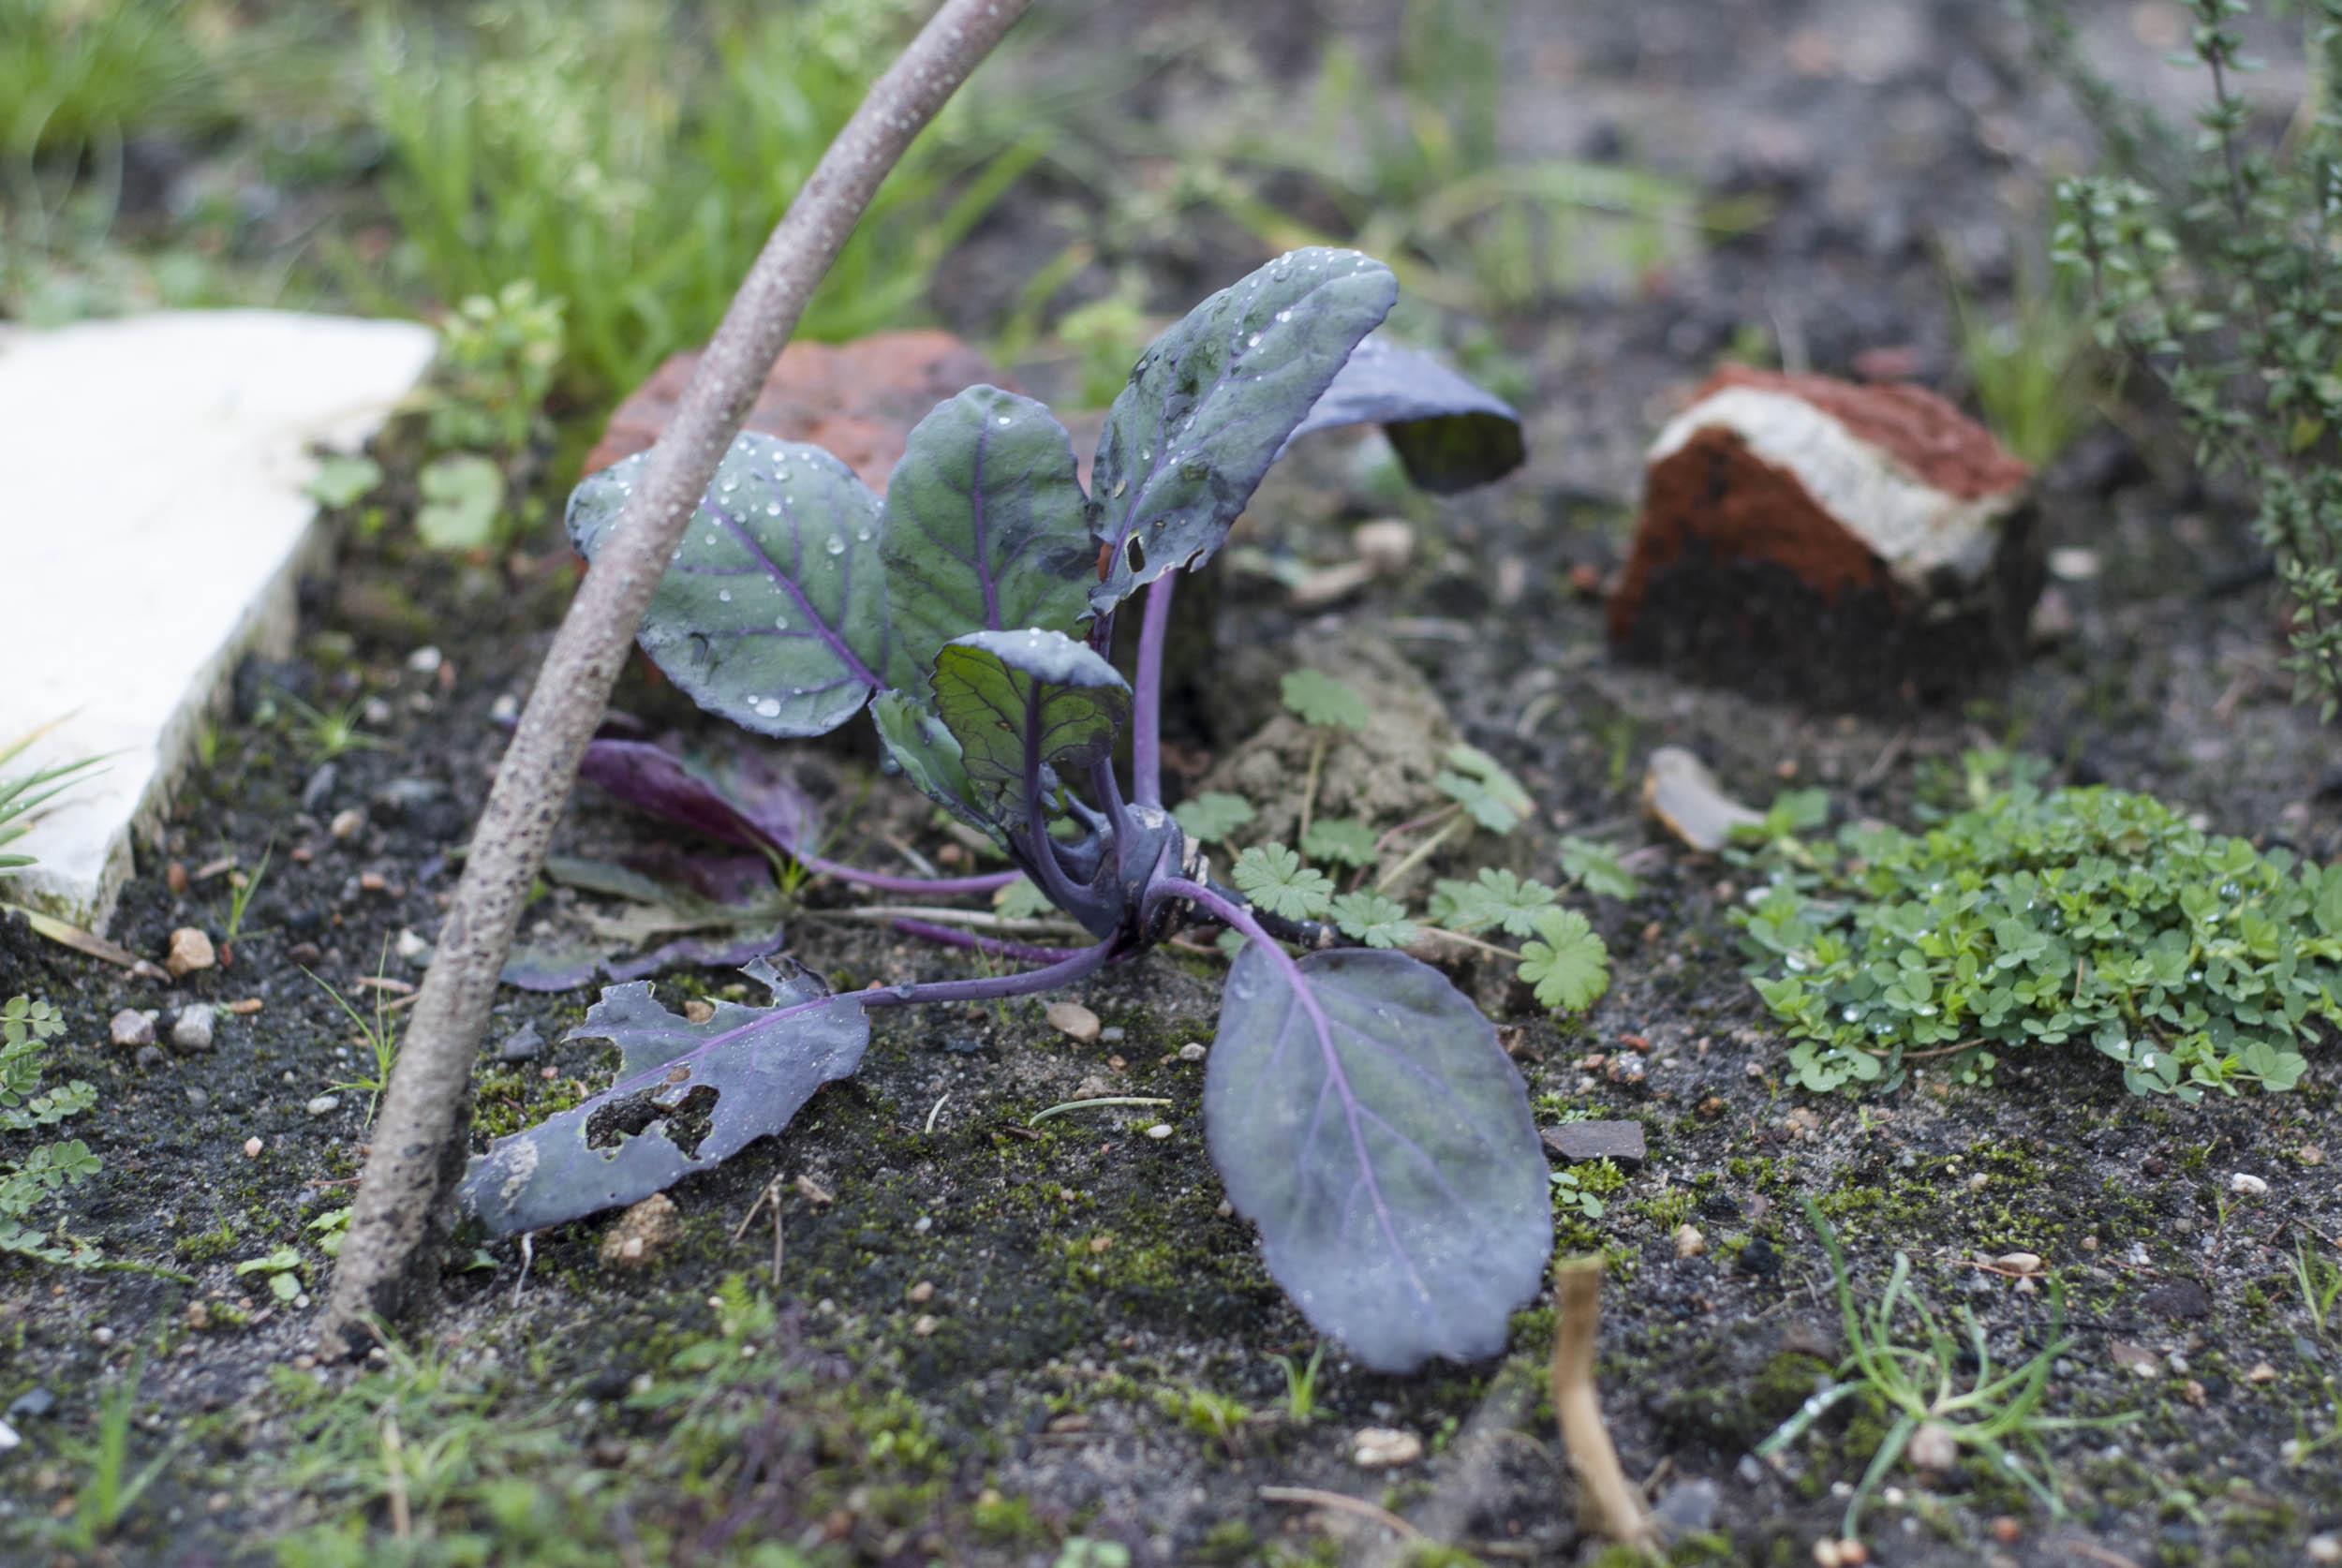 Garten im Januar: eine in einem Beet vergessene Kohlrabipflanze.